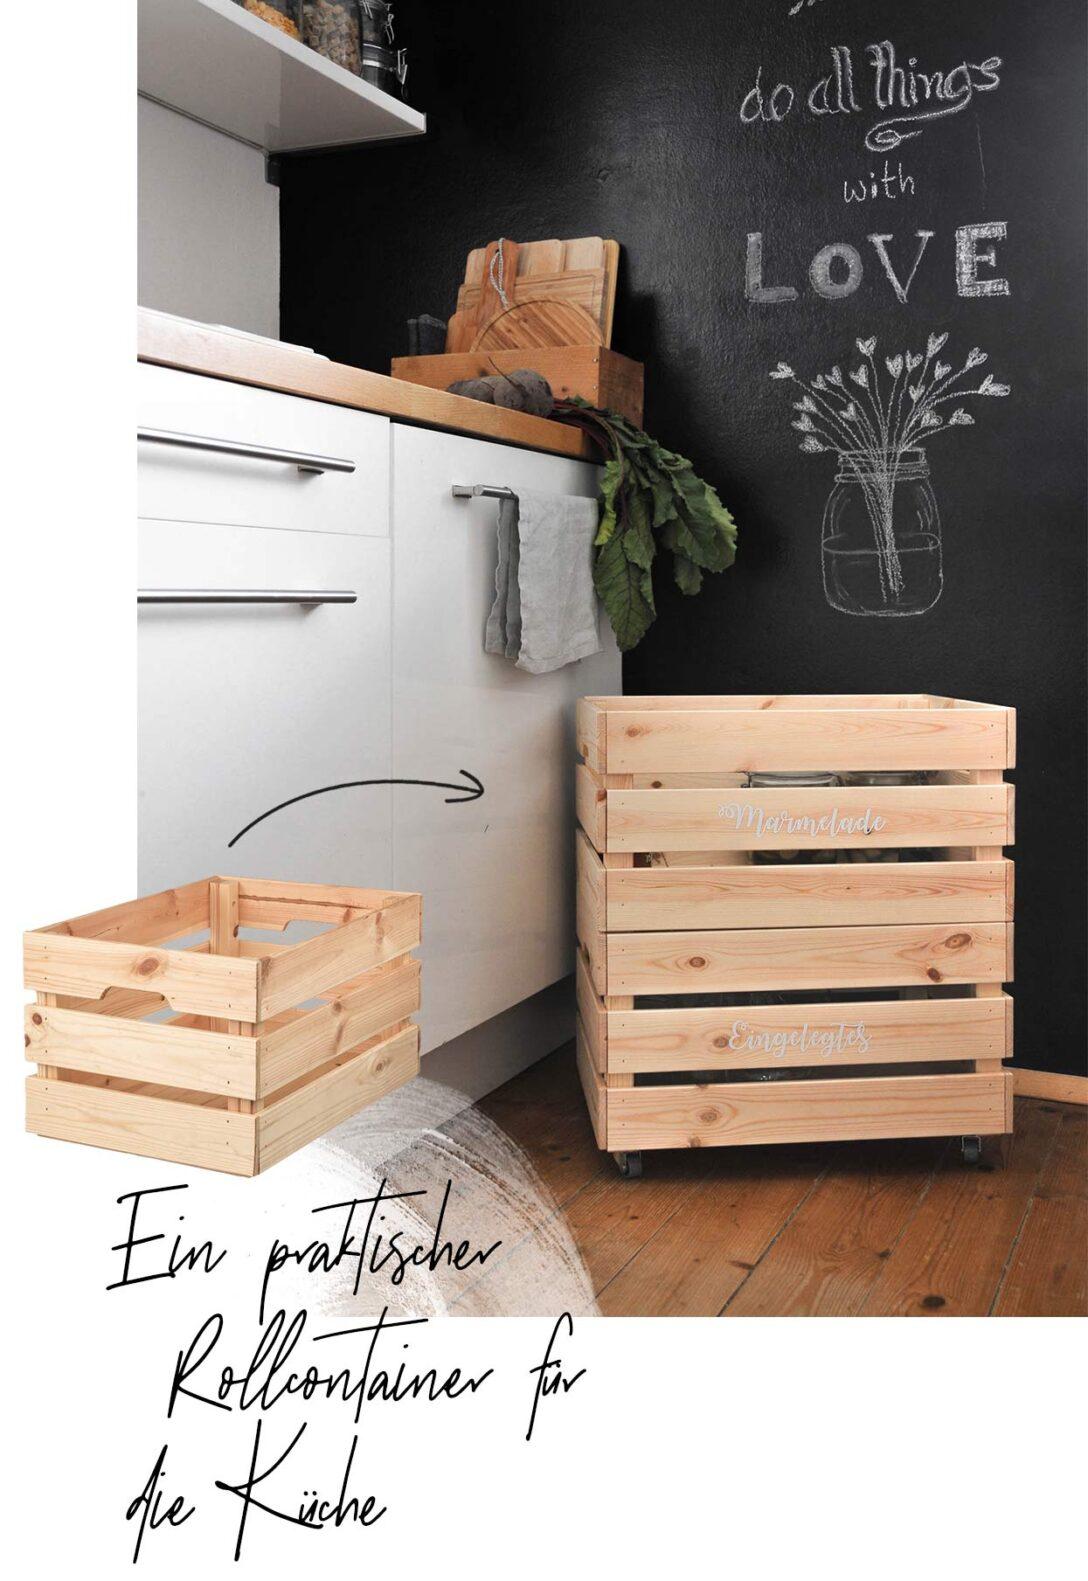 Large Size of Ikea Küchen Hacks Küche Kosten Sofa Mit Schlaffunktion Kaufen Betten 160x200 Miniküche Regal Bei Modulküche Wohnzimmer Ikea Küchen Hacks